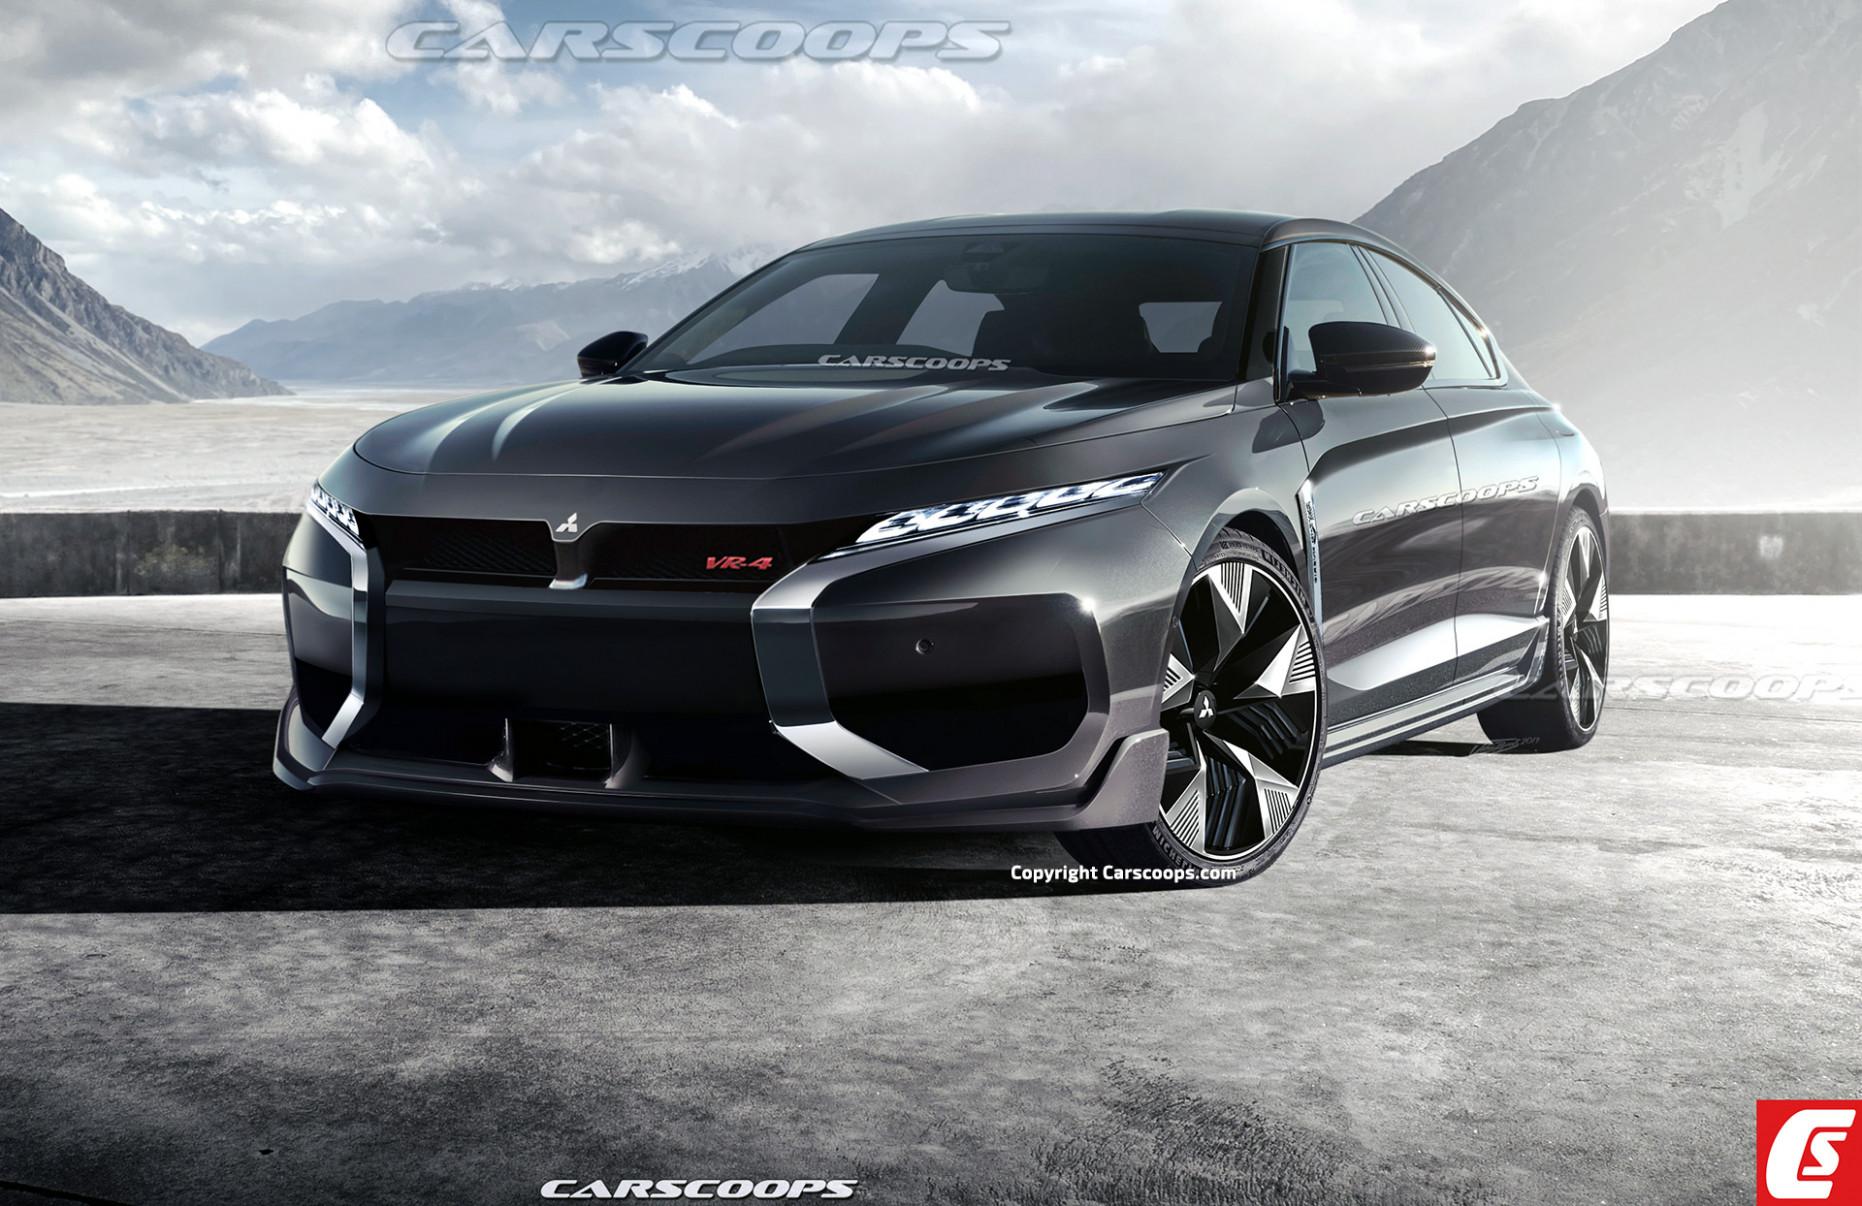 Review 2022 Mitsubishi Galant